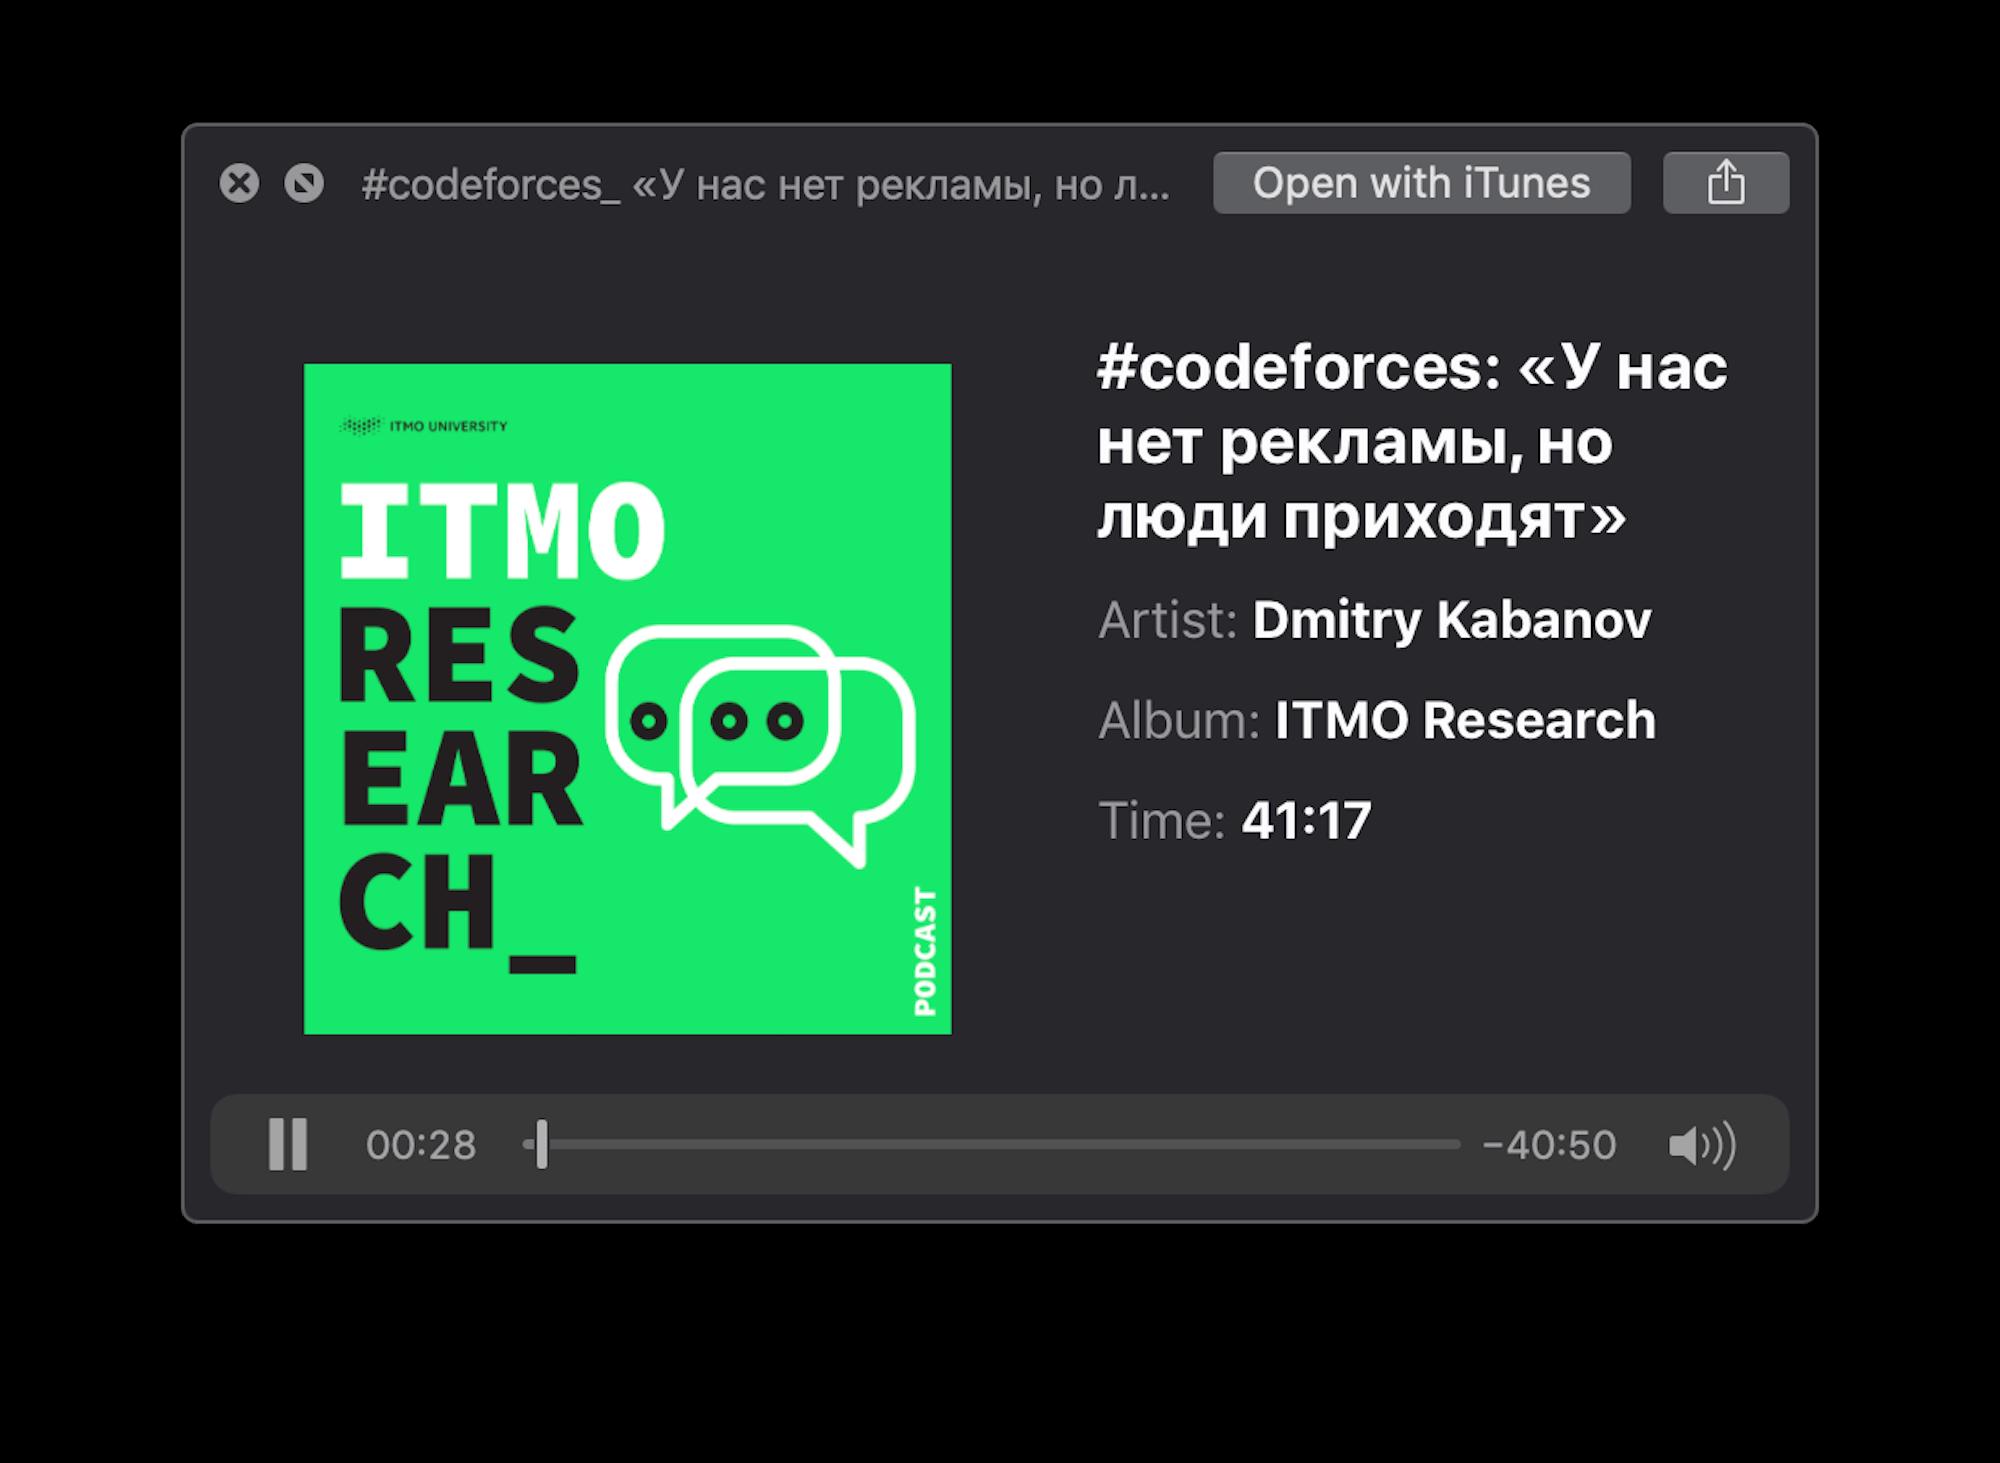 У нас нет рекламы, но люди приходят обсуждаем проект Codeforces и ход его развития